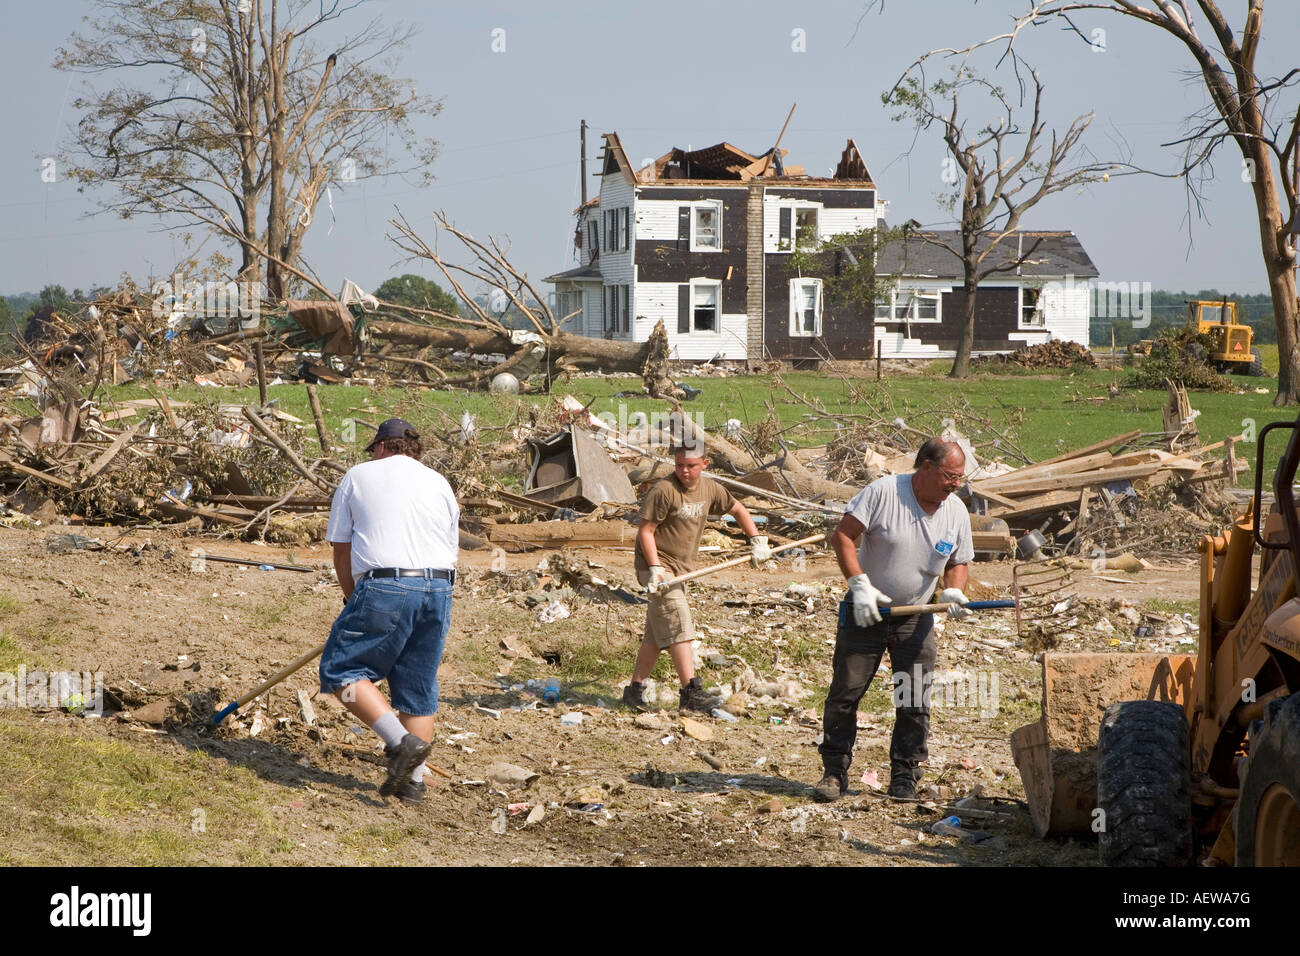 Volunteers Clean Up Tornado Damage - Stock Image